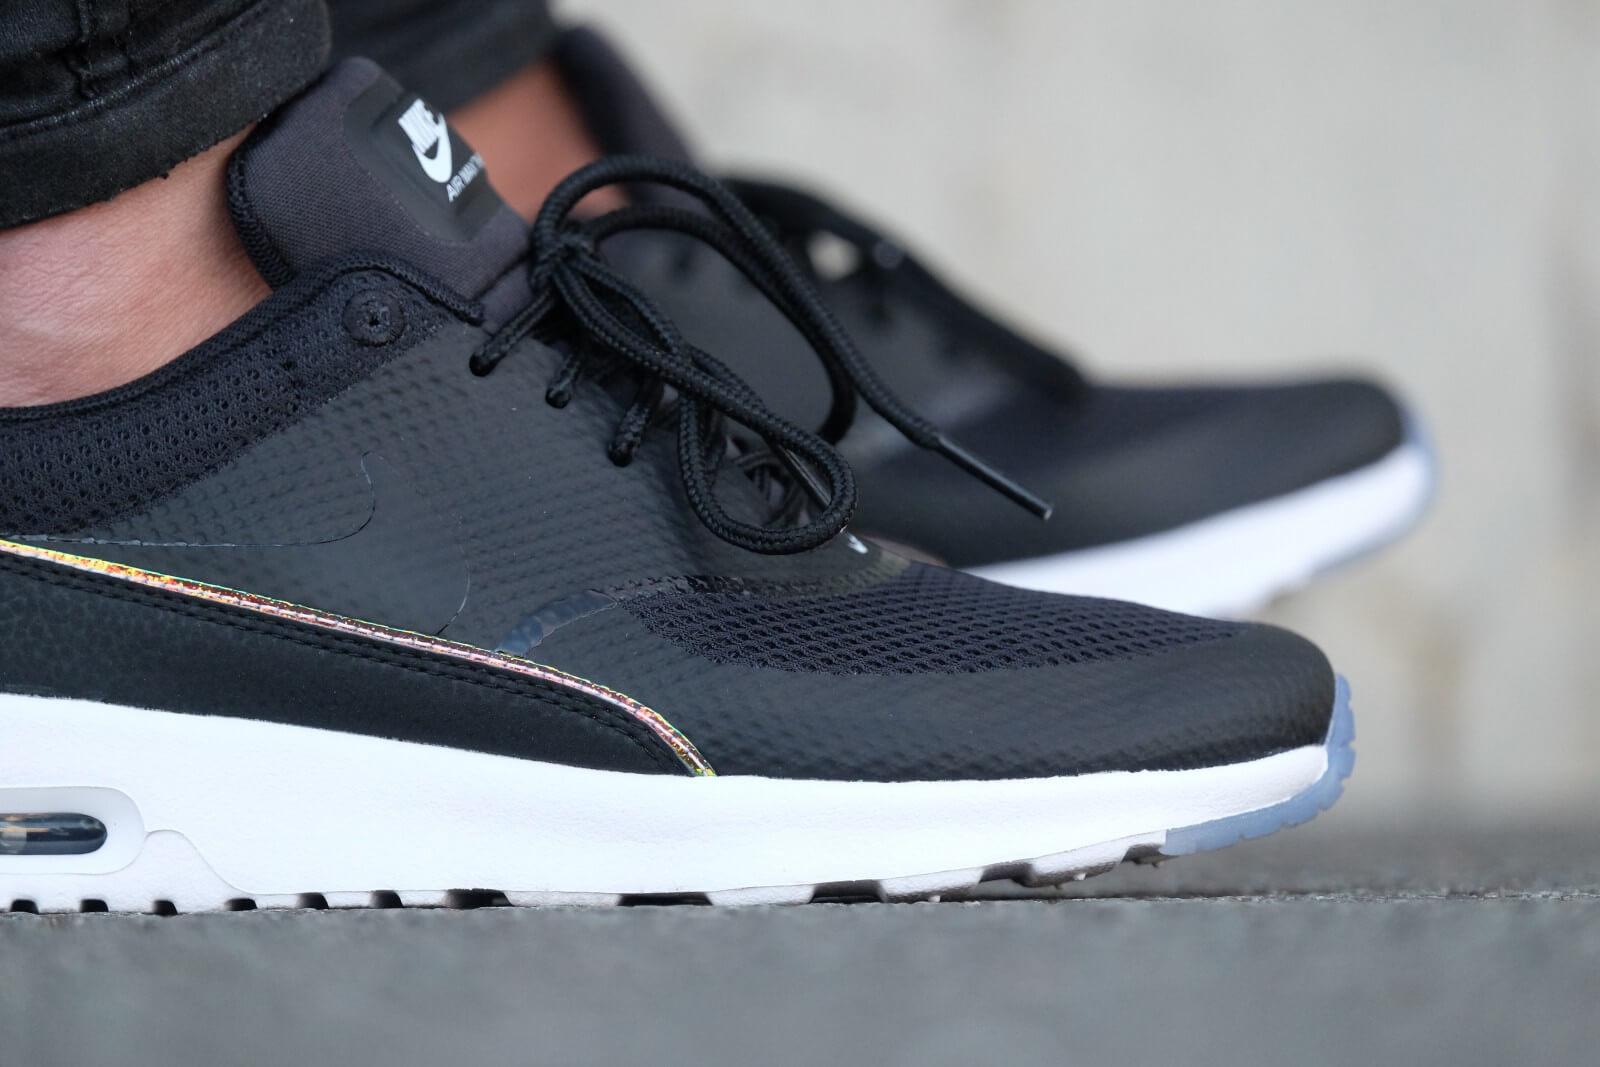 Nike WMNS Air Max Thea Premium Black